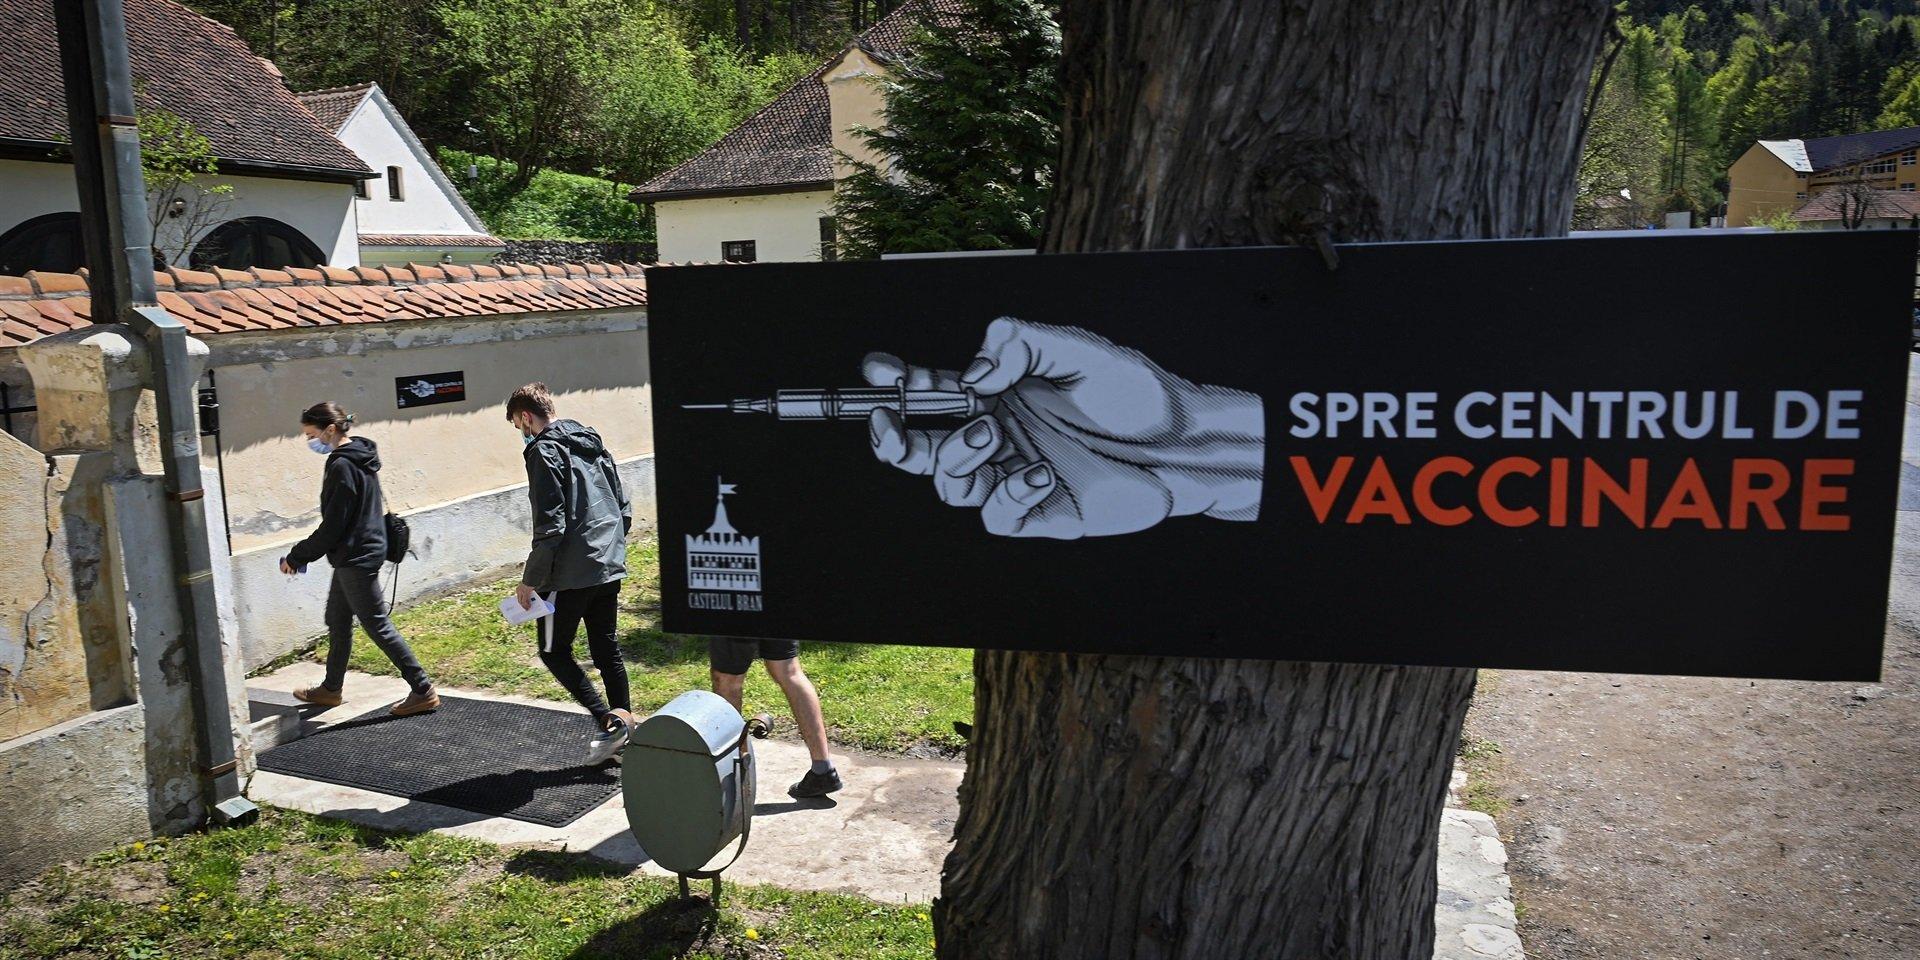 Centrul de vaccinare de la Castelul Bran, lăudat de presa internațională